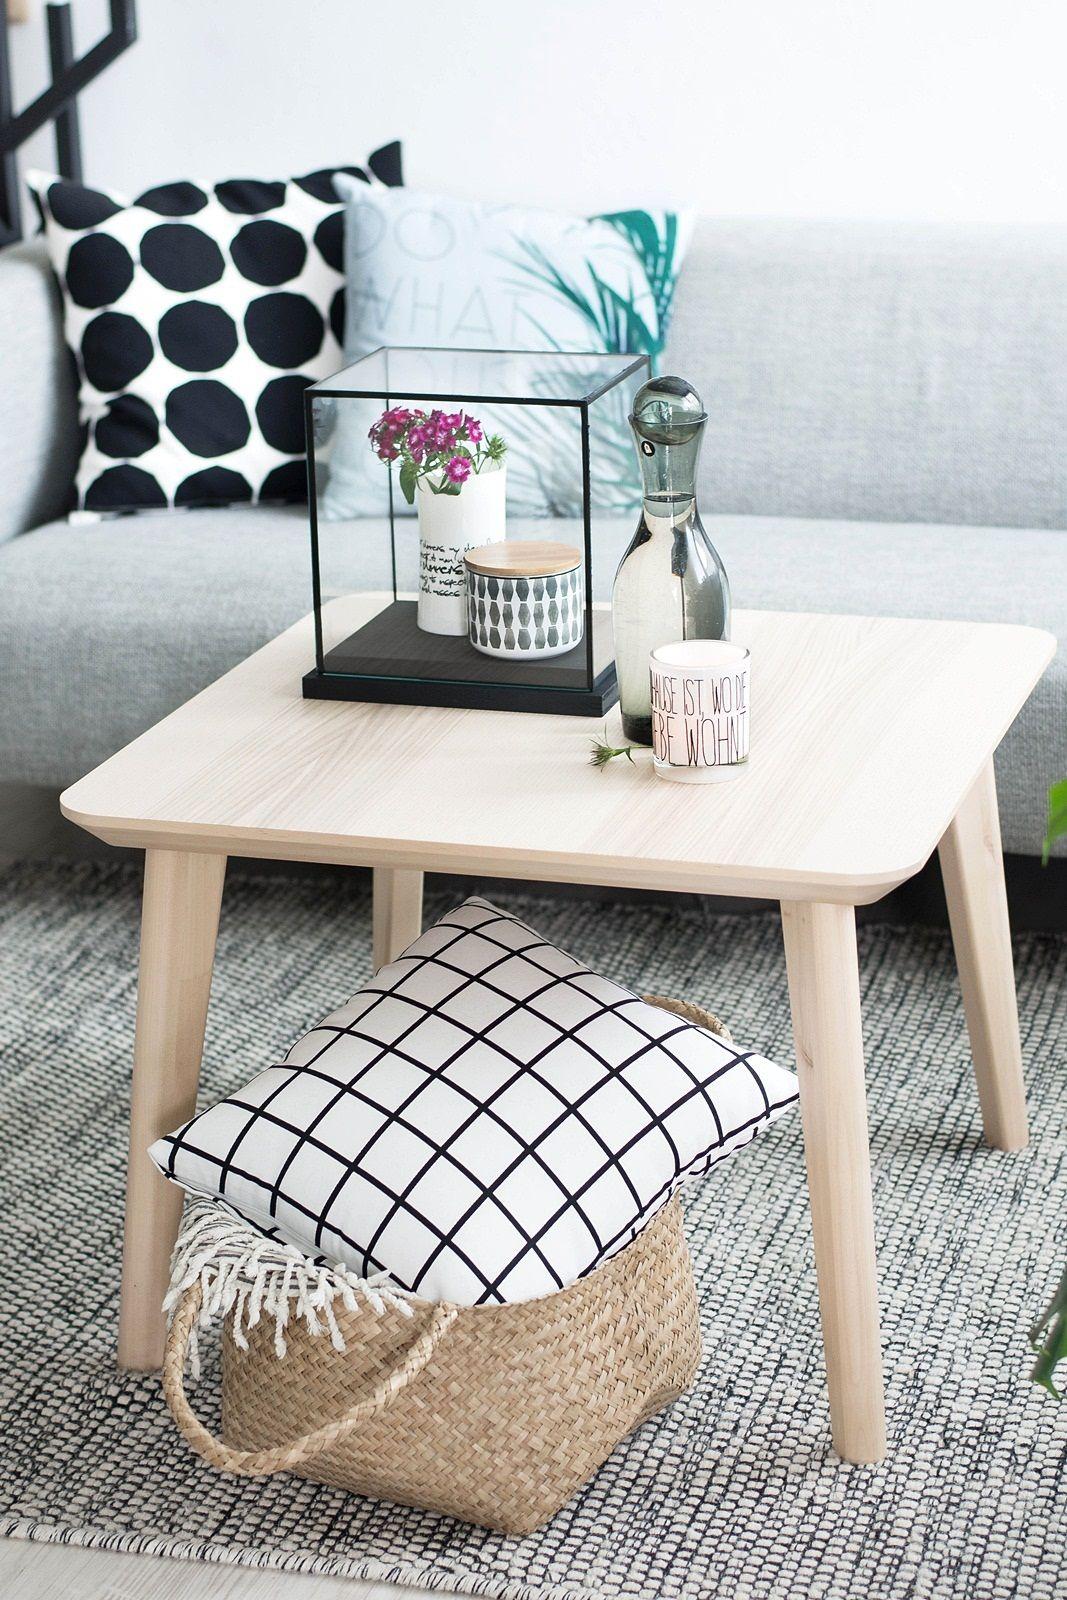 diy schaukasten und neue fr hlingsdeko sinnenrausch blog diy pinterest. Black Bedroom Furniture Sets. Home Design Ideas